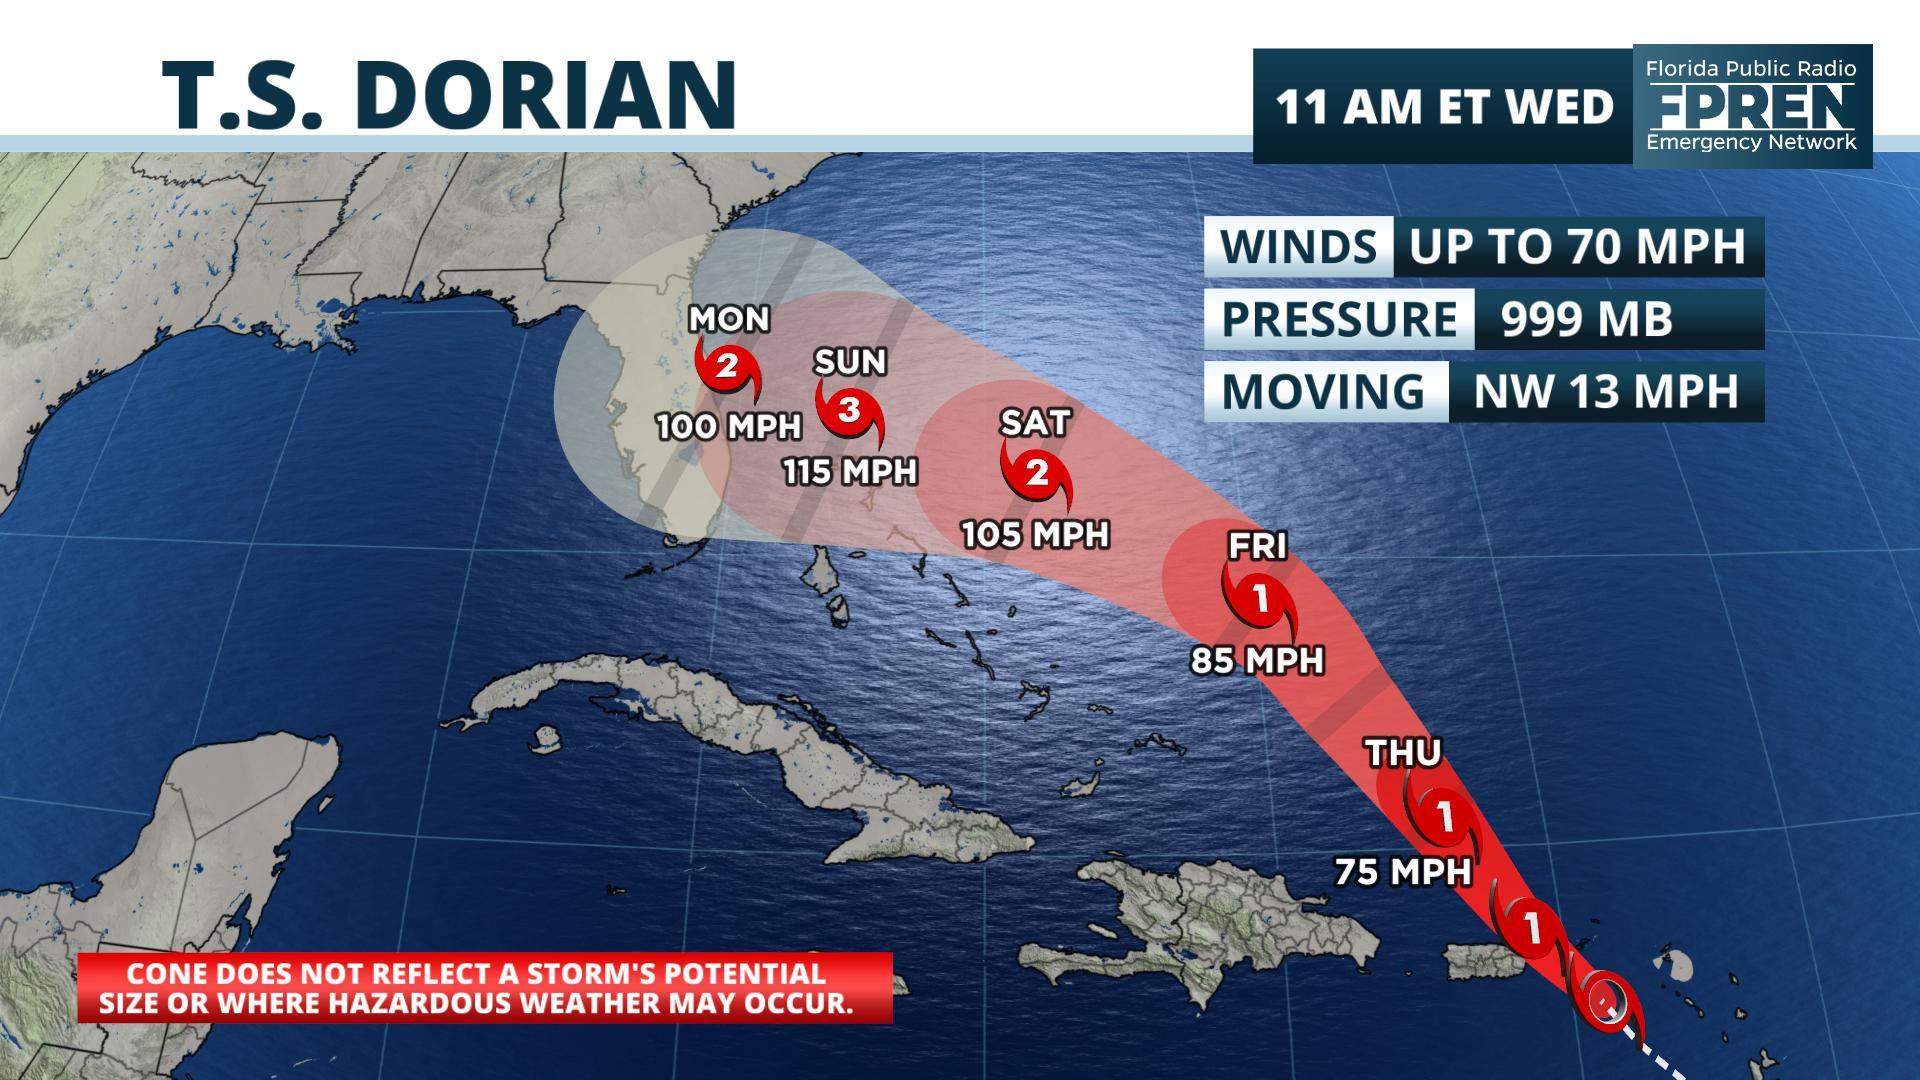 Tropical Storm Dorian Forecast To Be A Major Hurricane Off Se Florida Wkgc Public Radio